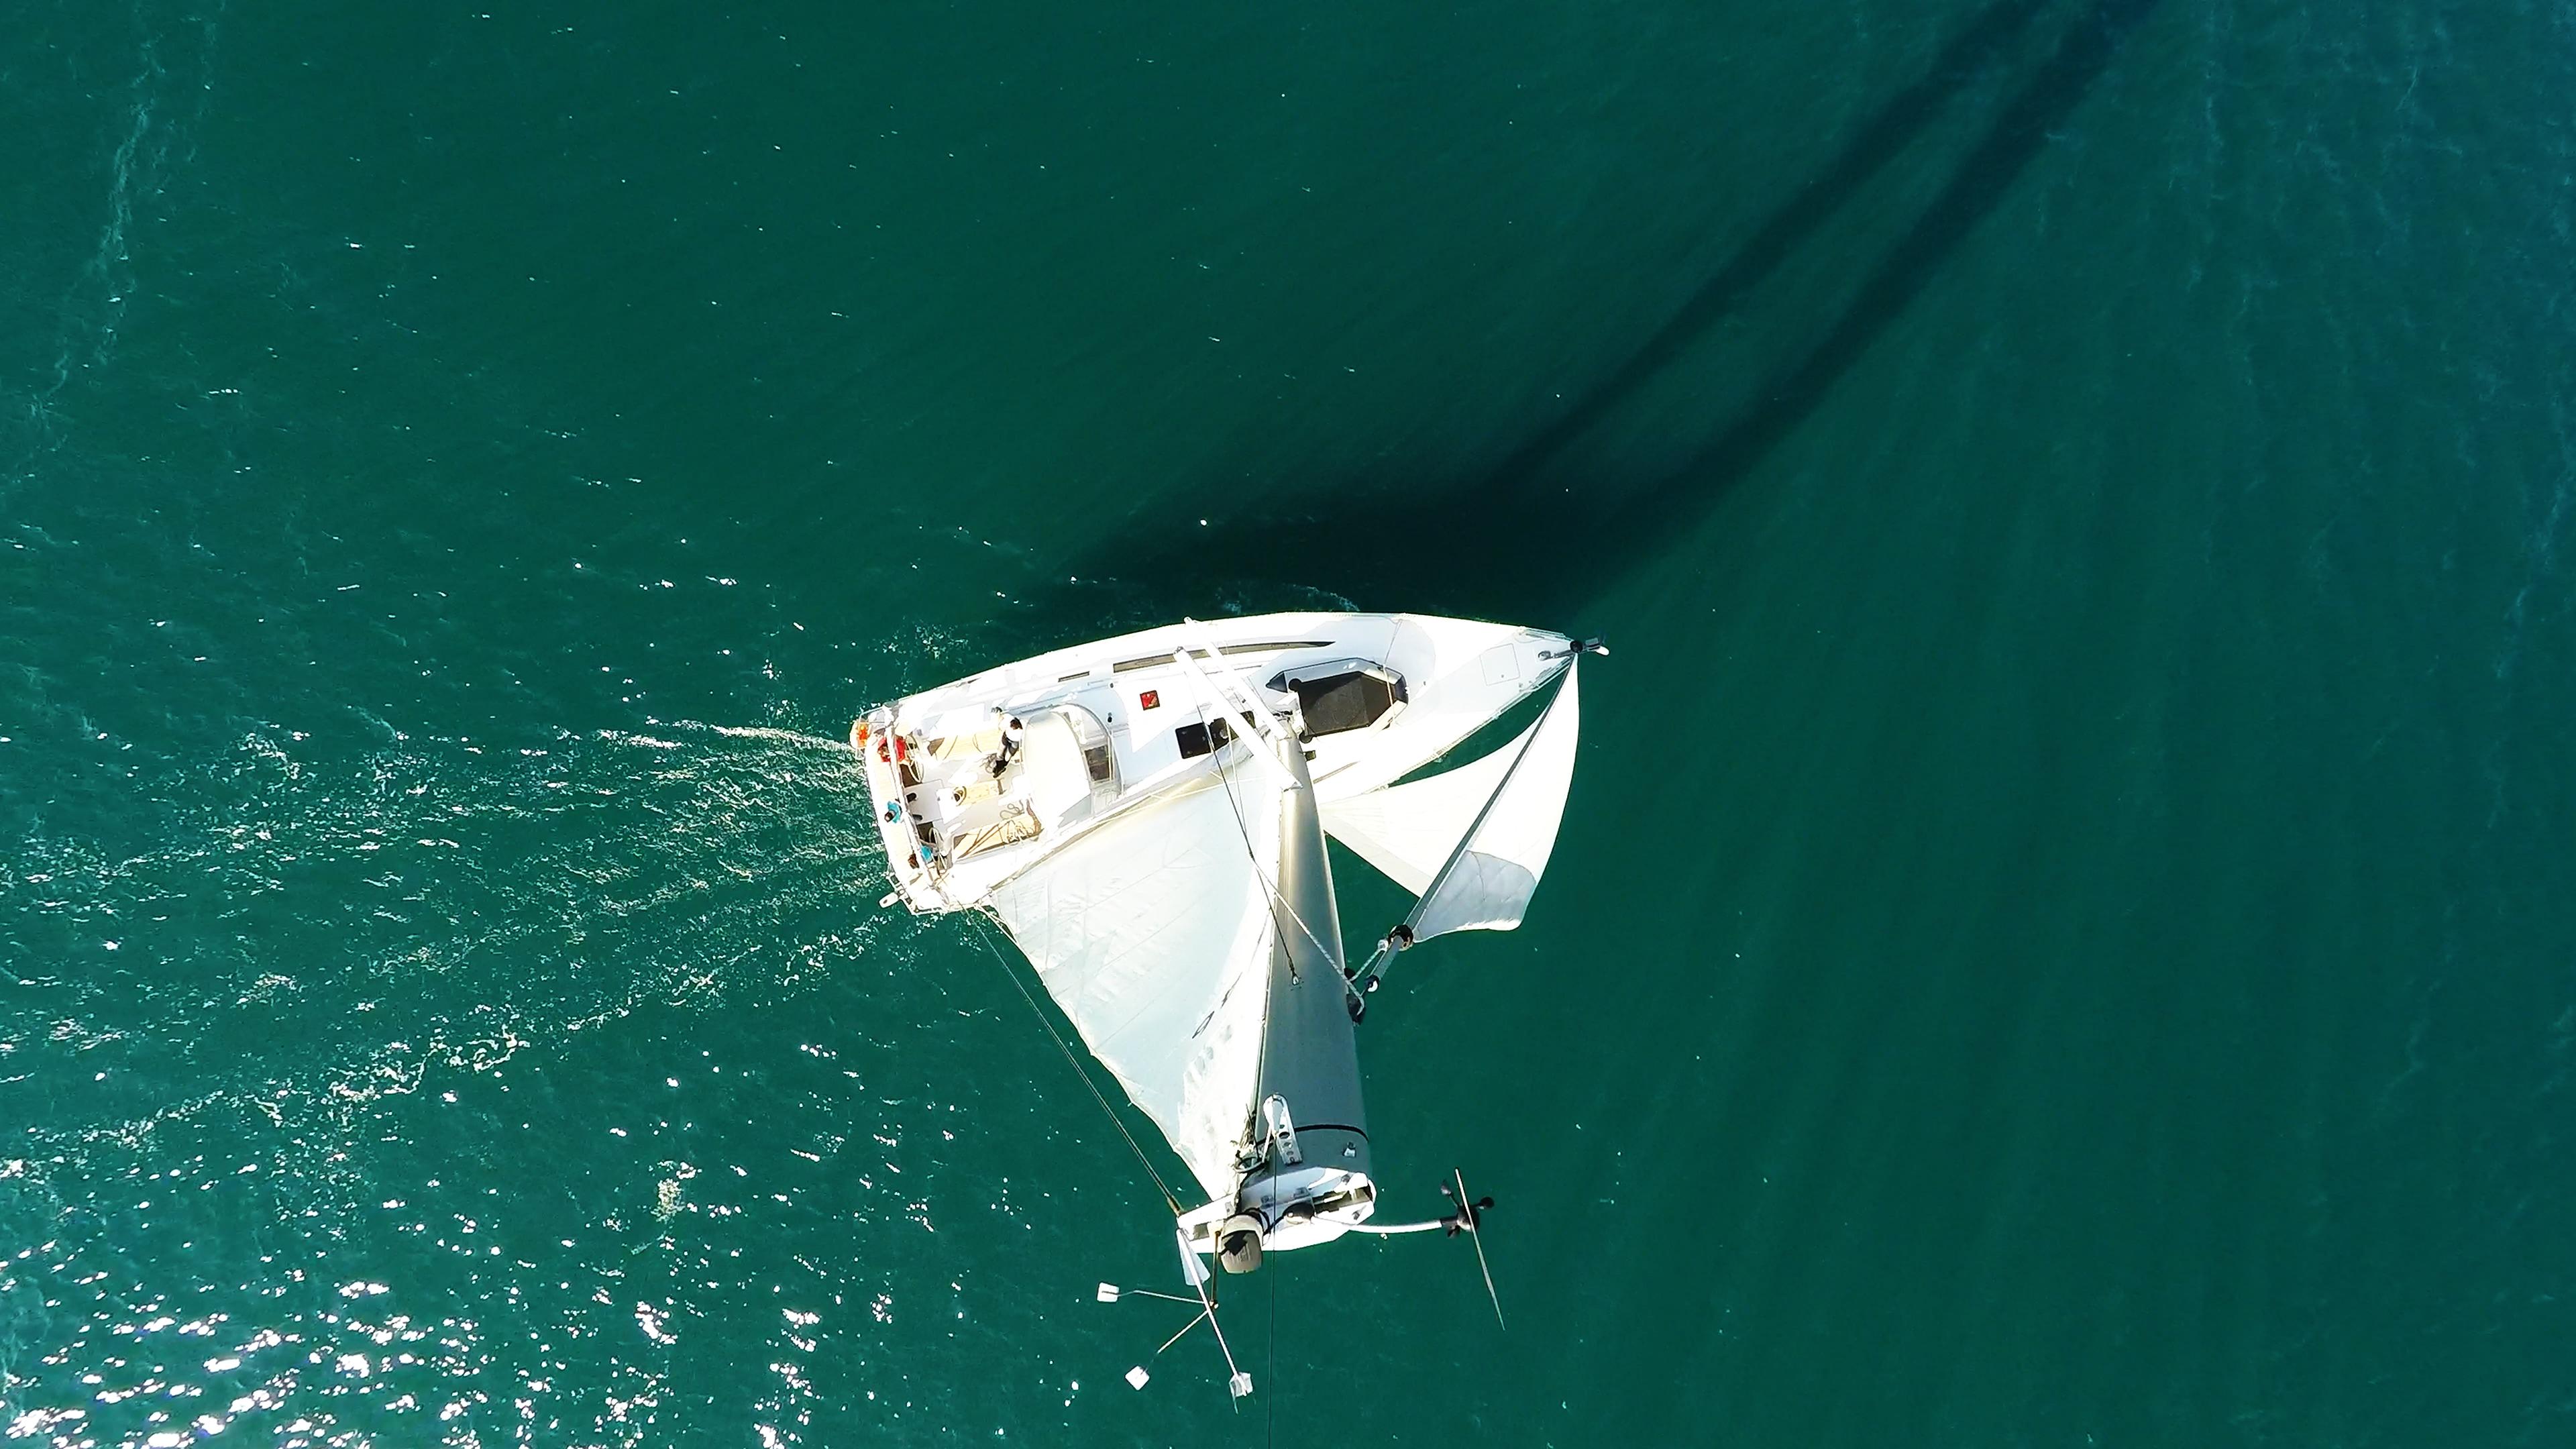 jedrilica iz zraka plovi morem